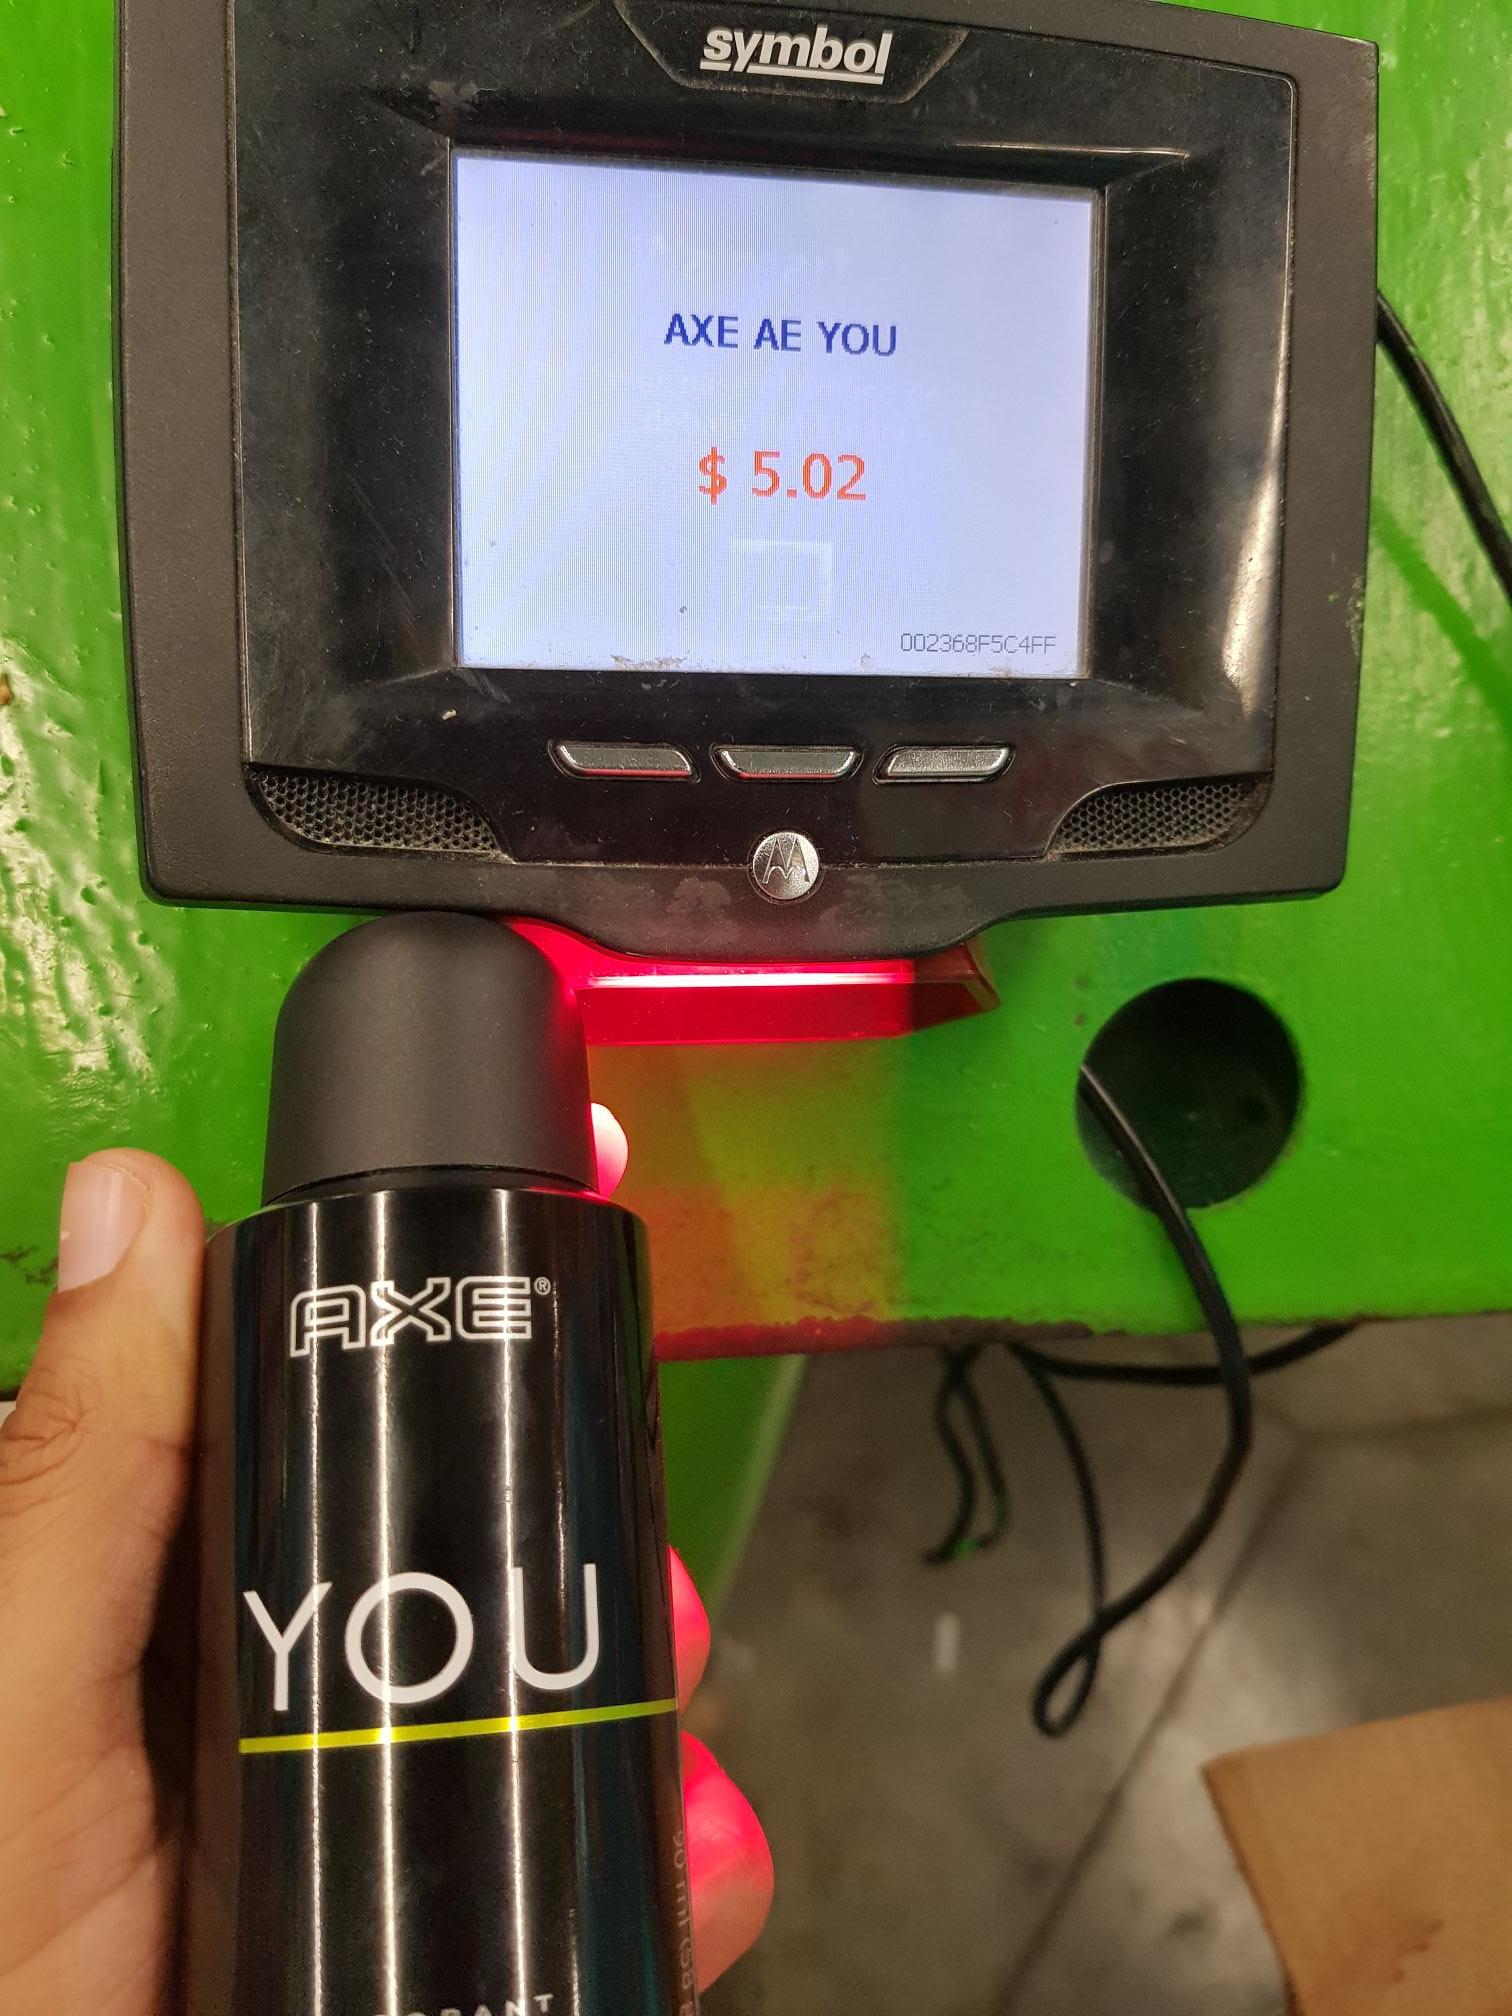 Bodega aurrera: Desodorante axe 5.02